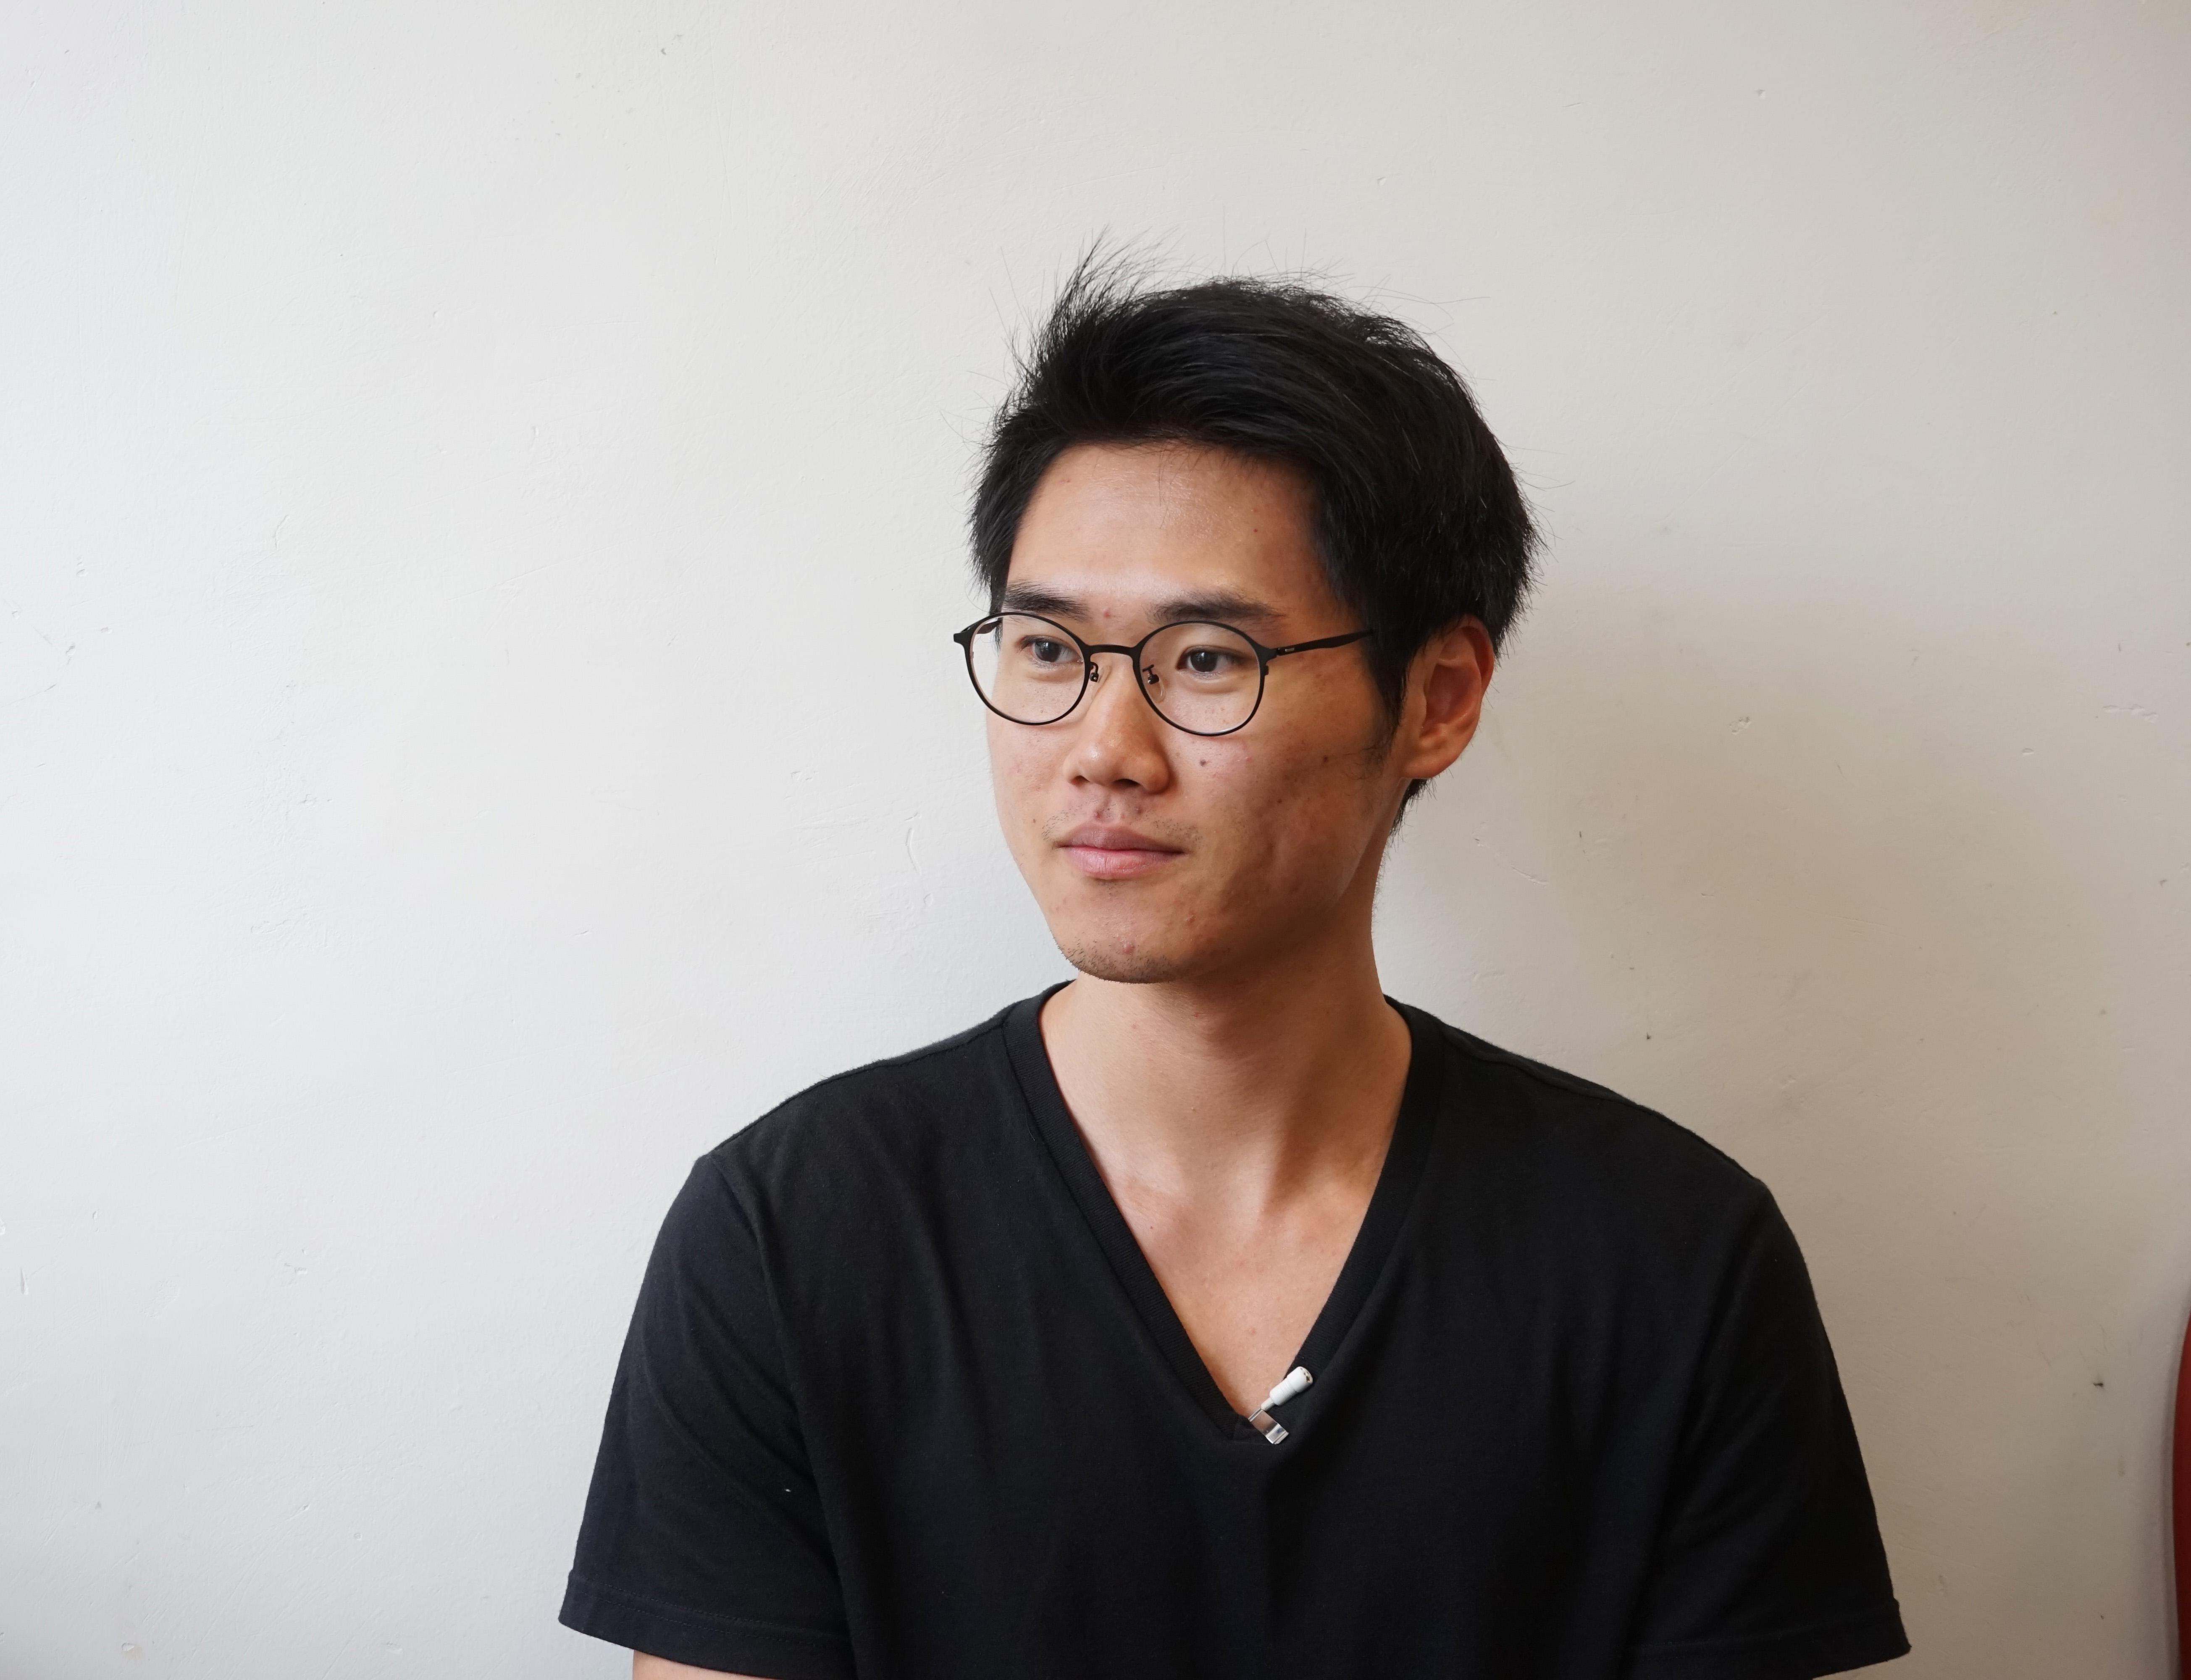 Au Yeung Chun_profile pic